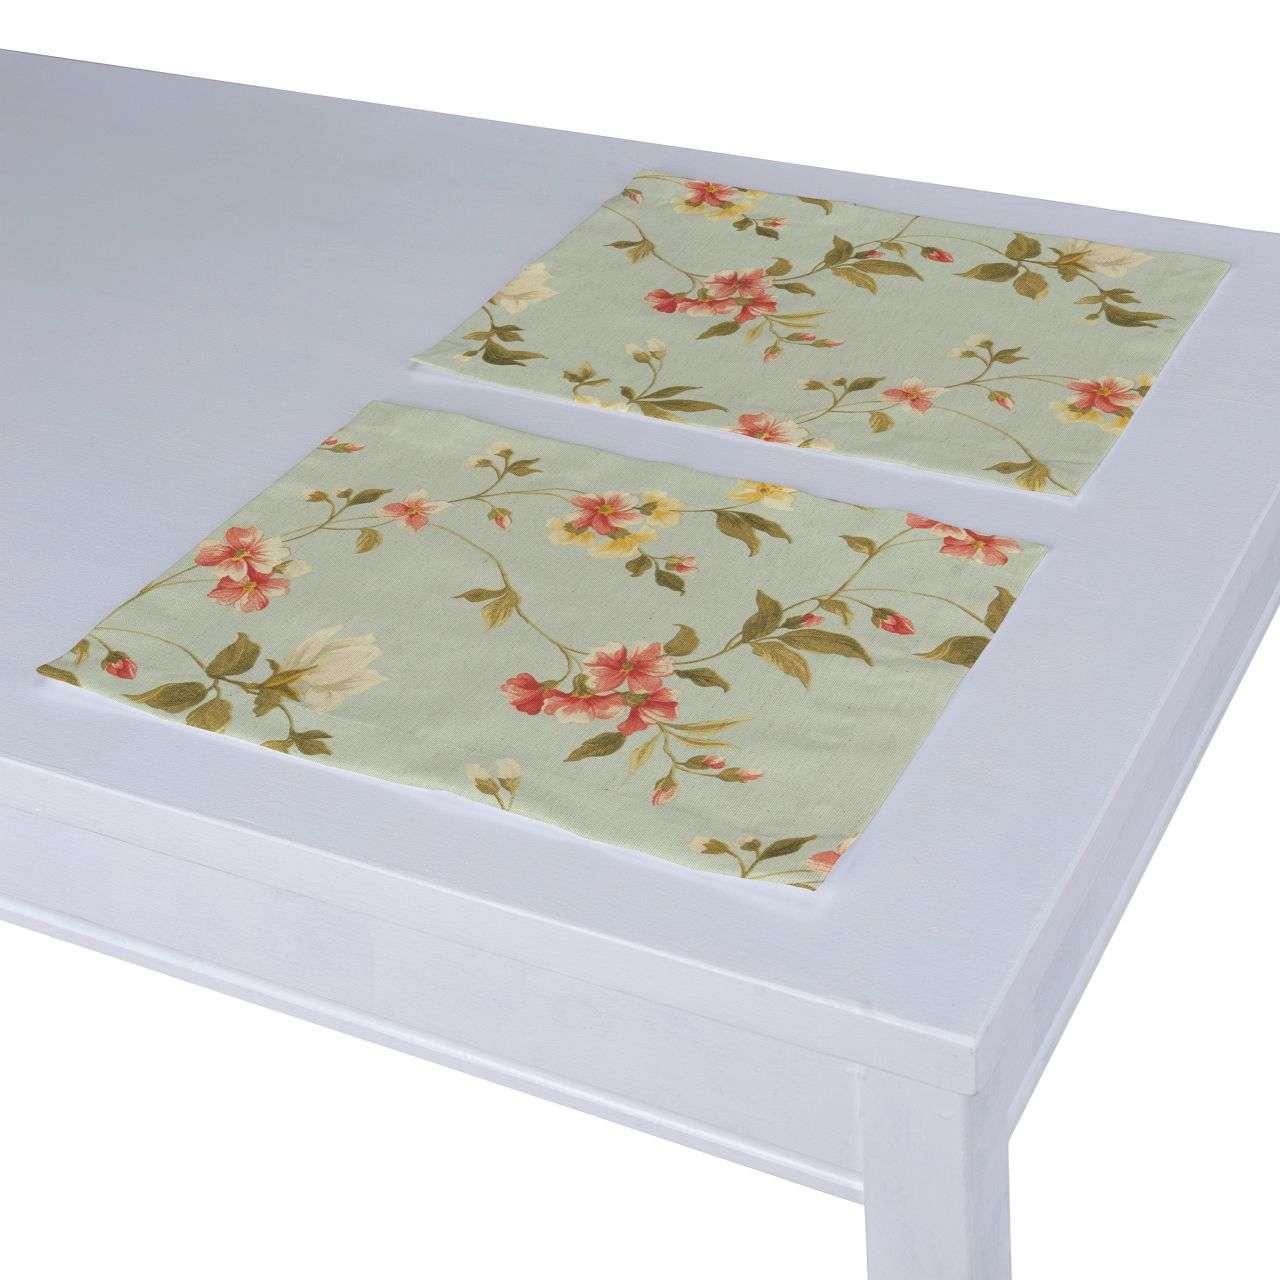 Stalo servetėlės/stalo padėkliukai – 2 vnt. 30 x 40 cm kolekcijoje Londres, audinys: 124-65